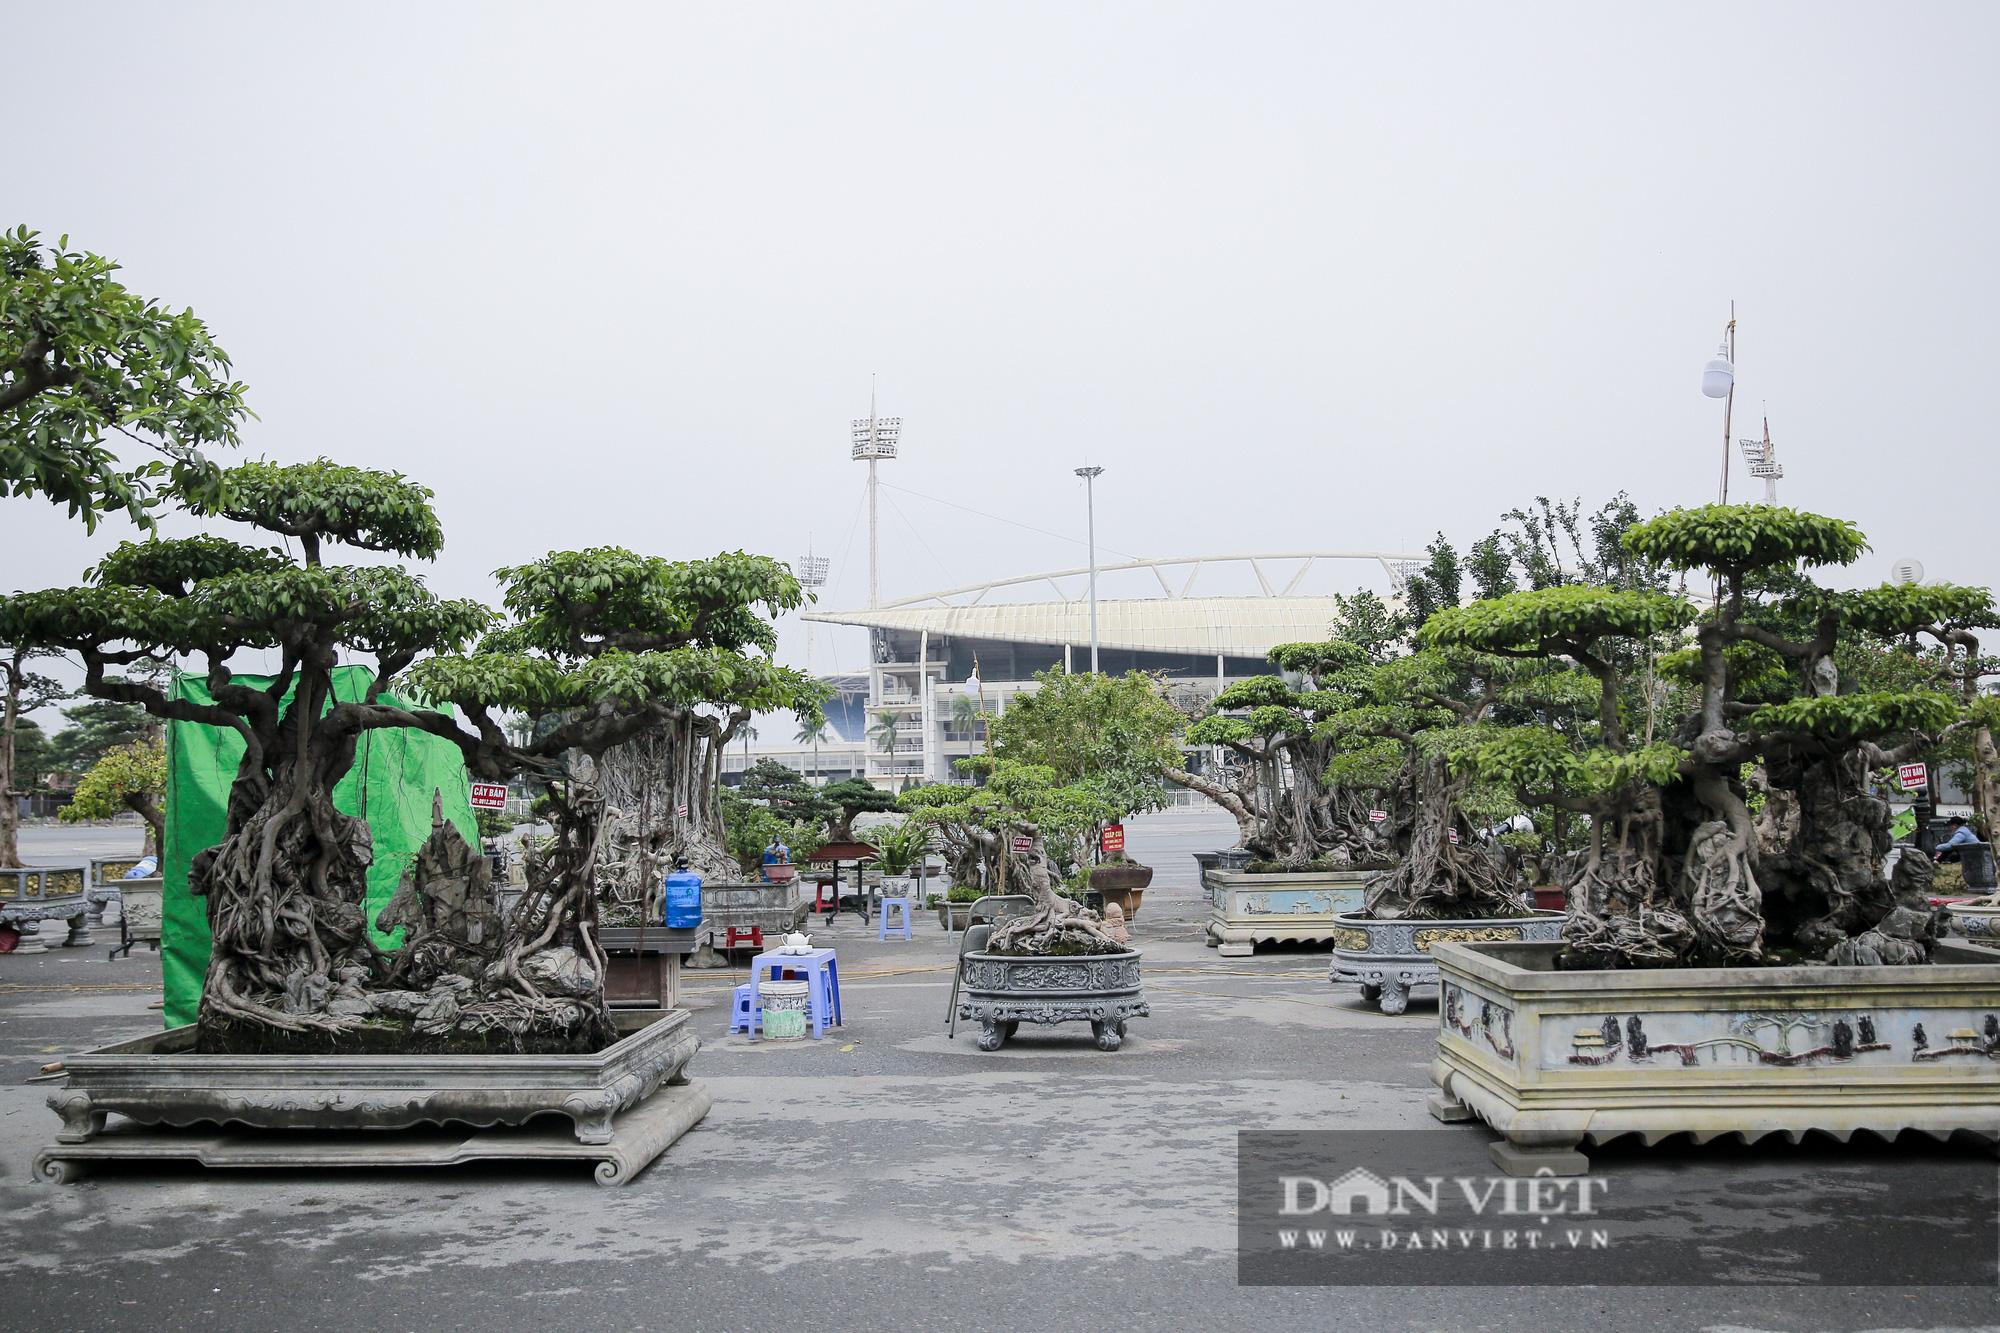 Mãn nhãn với những chậu bonsai quý hiếm tại Festival Sinh vật cảnh Hà Nội - Ảnh 1.